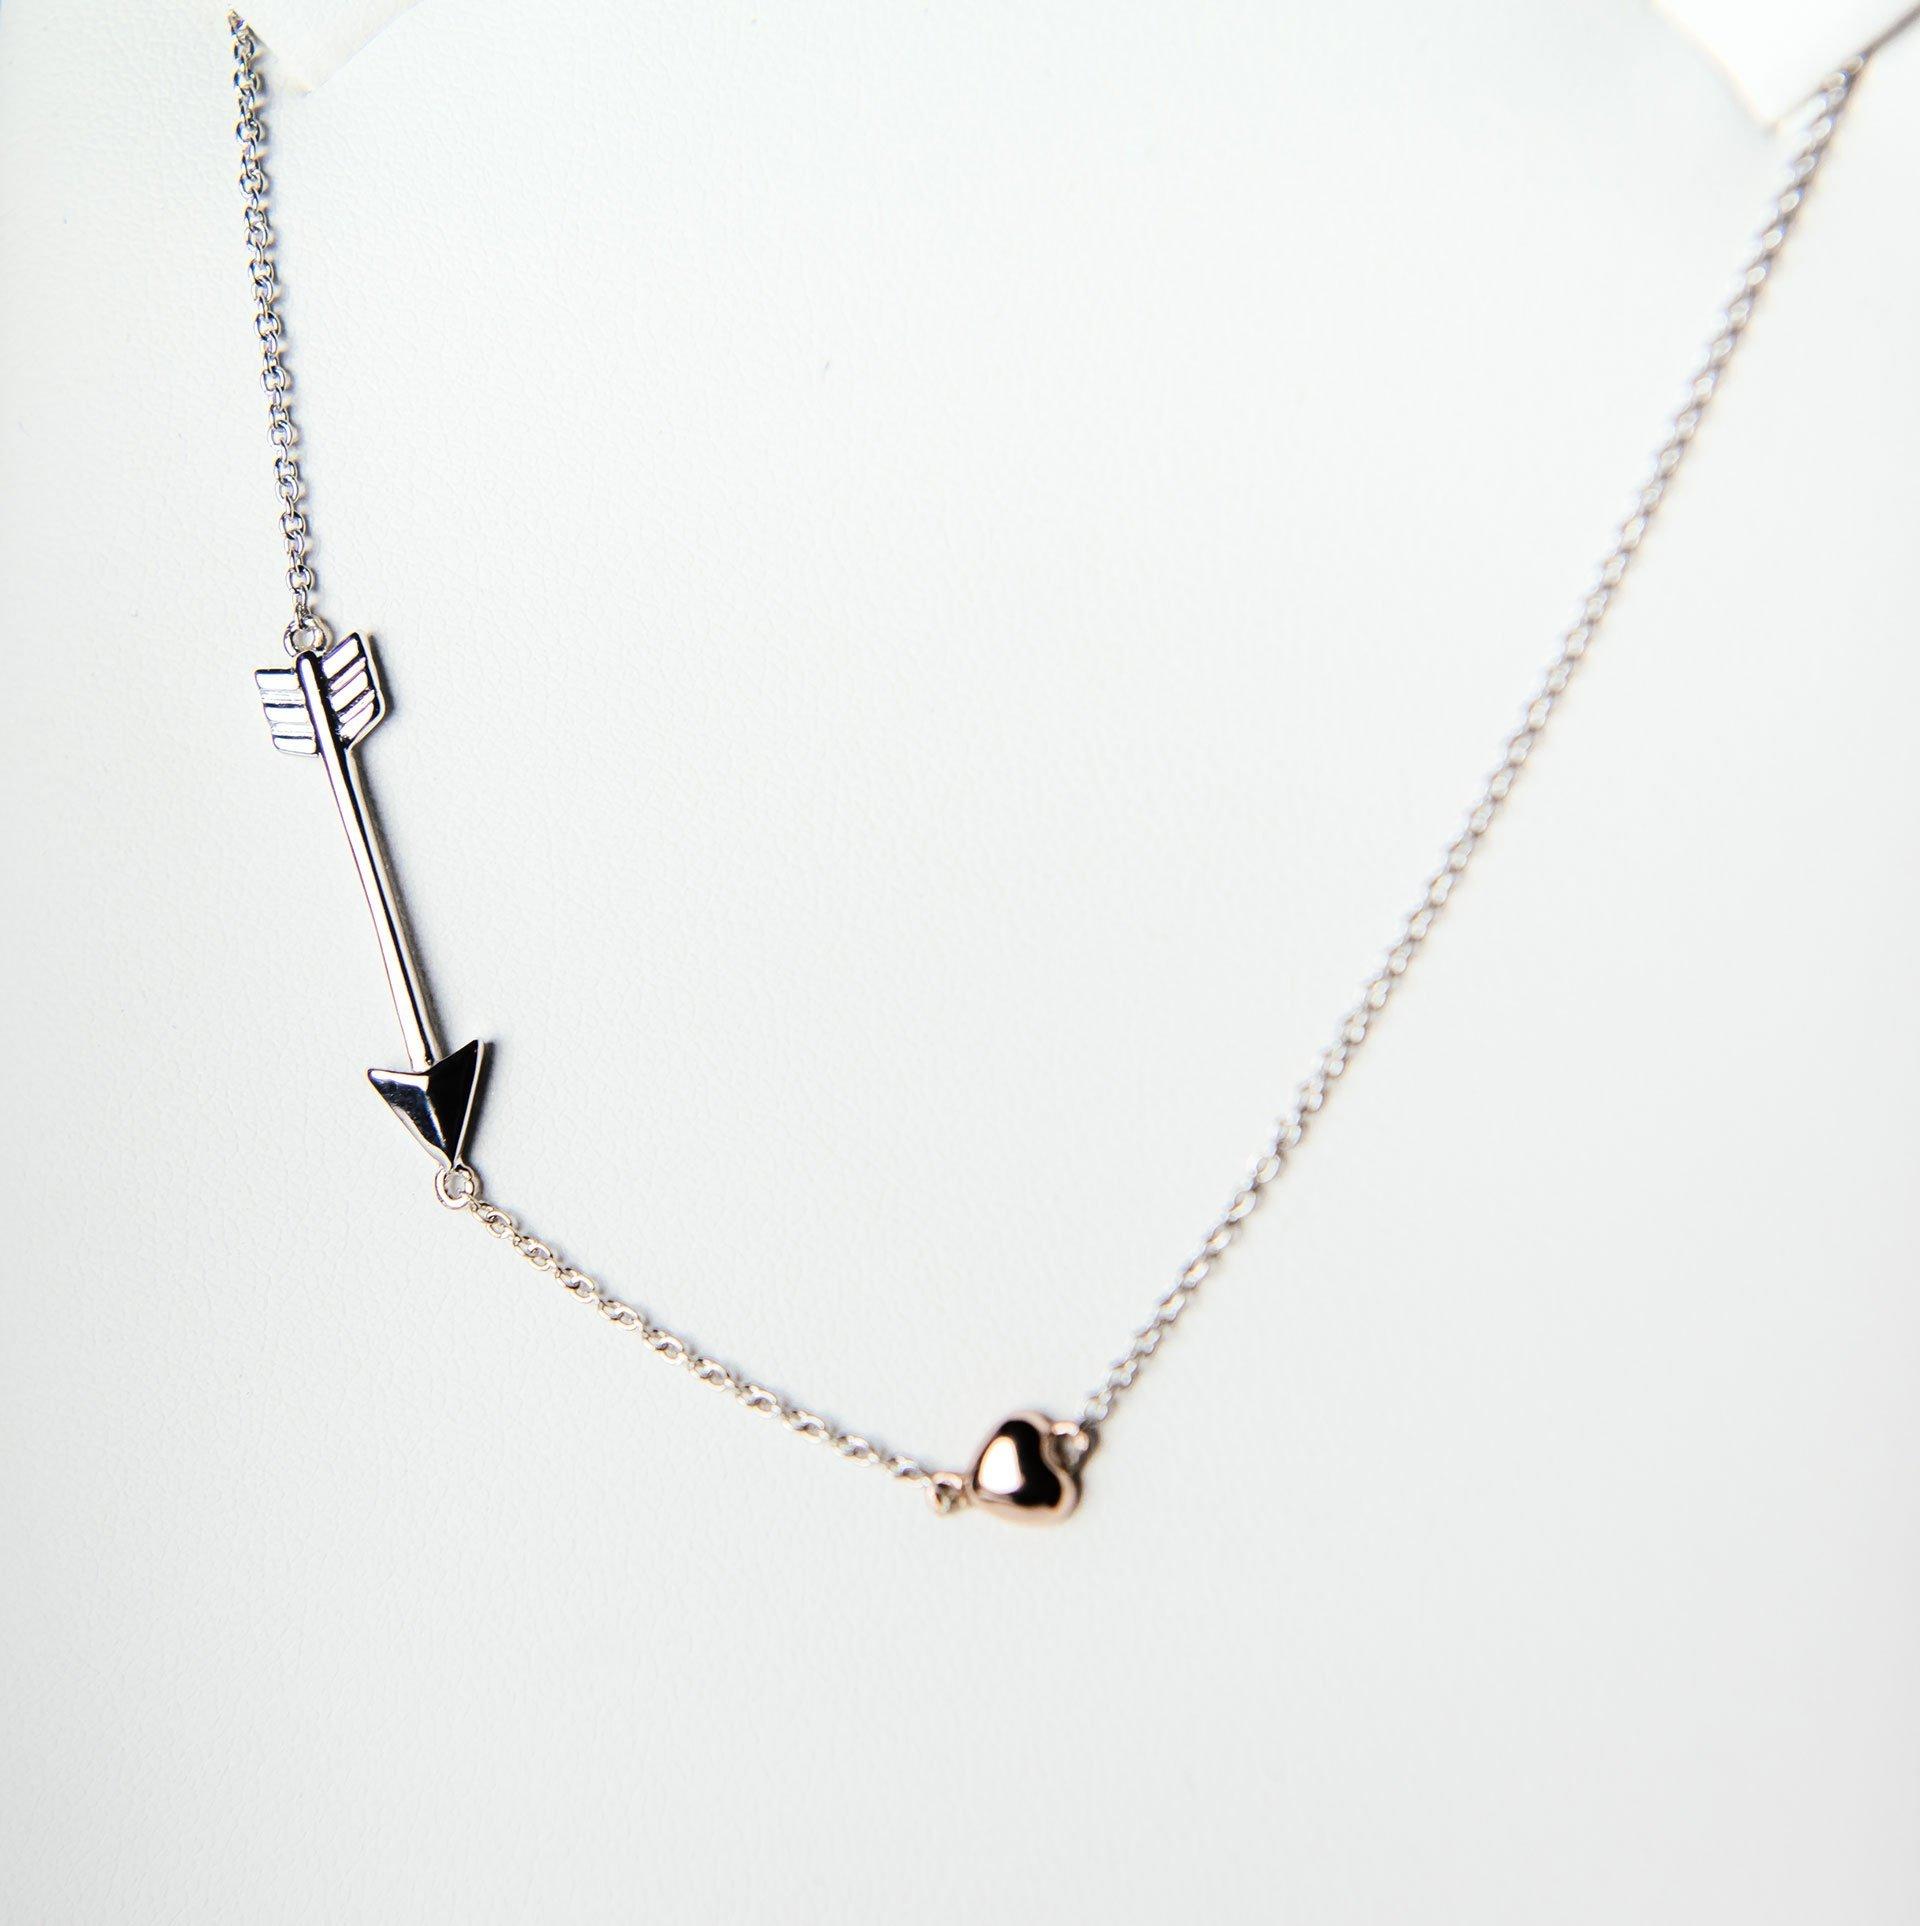 An arrow and heart on a chain